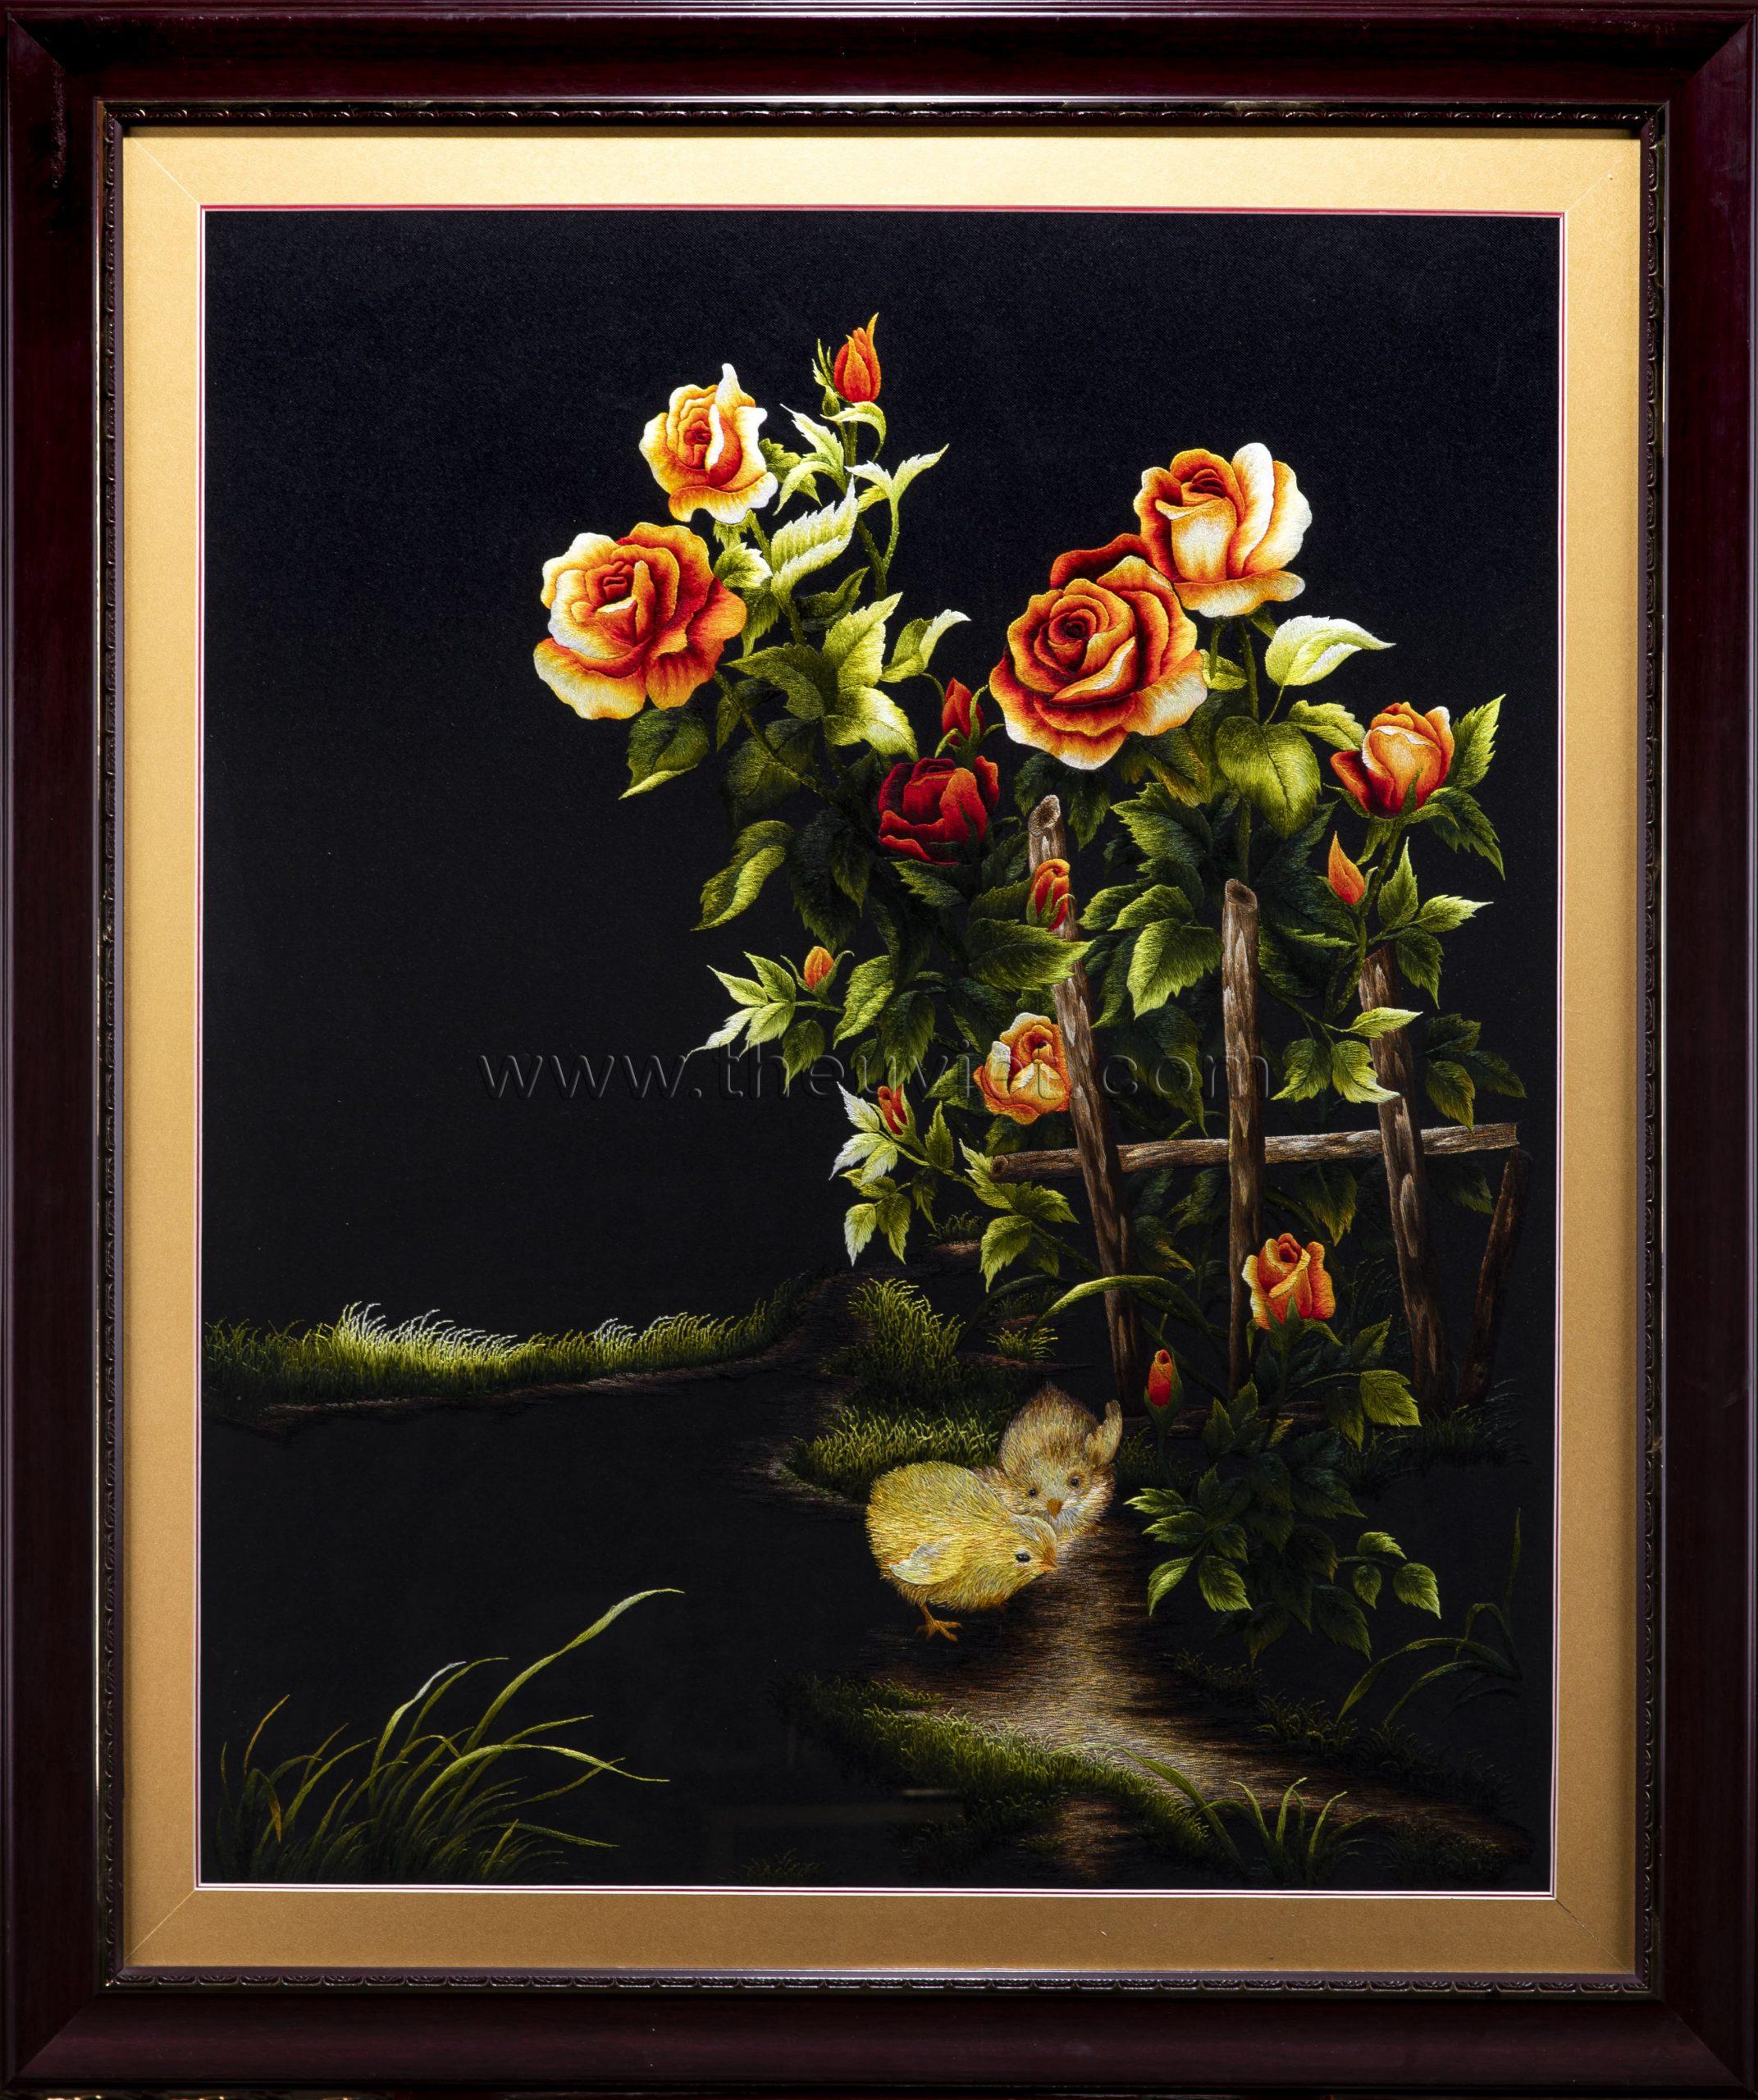 Tranh thêu hoa hồng và những ý nghĩa thú vị. 8